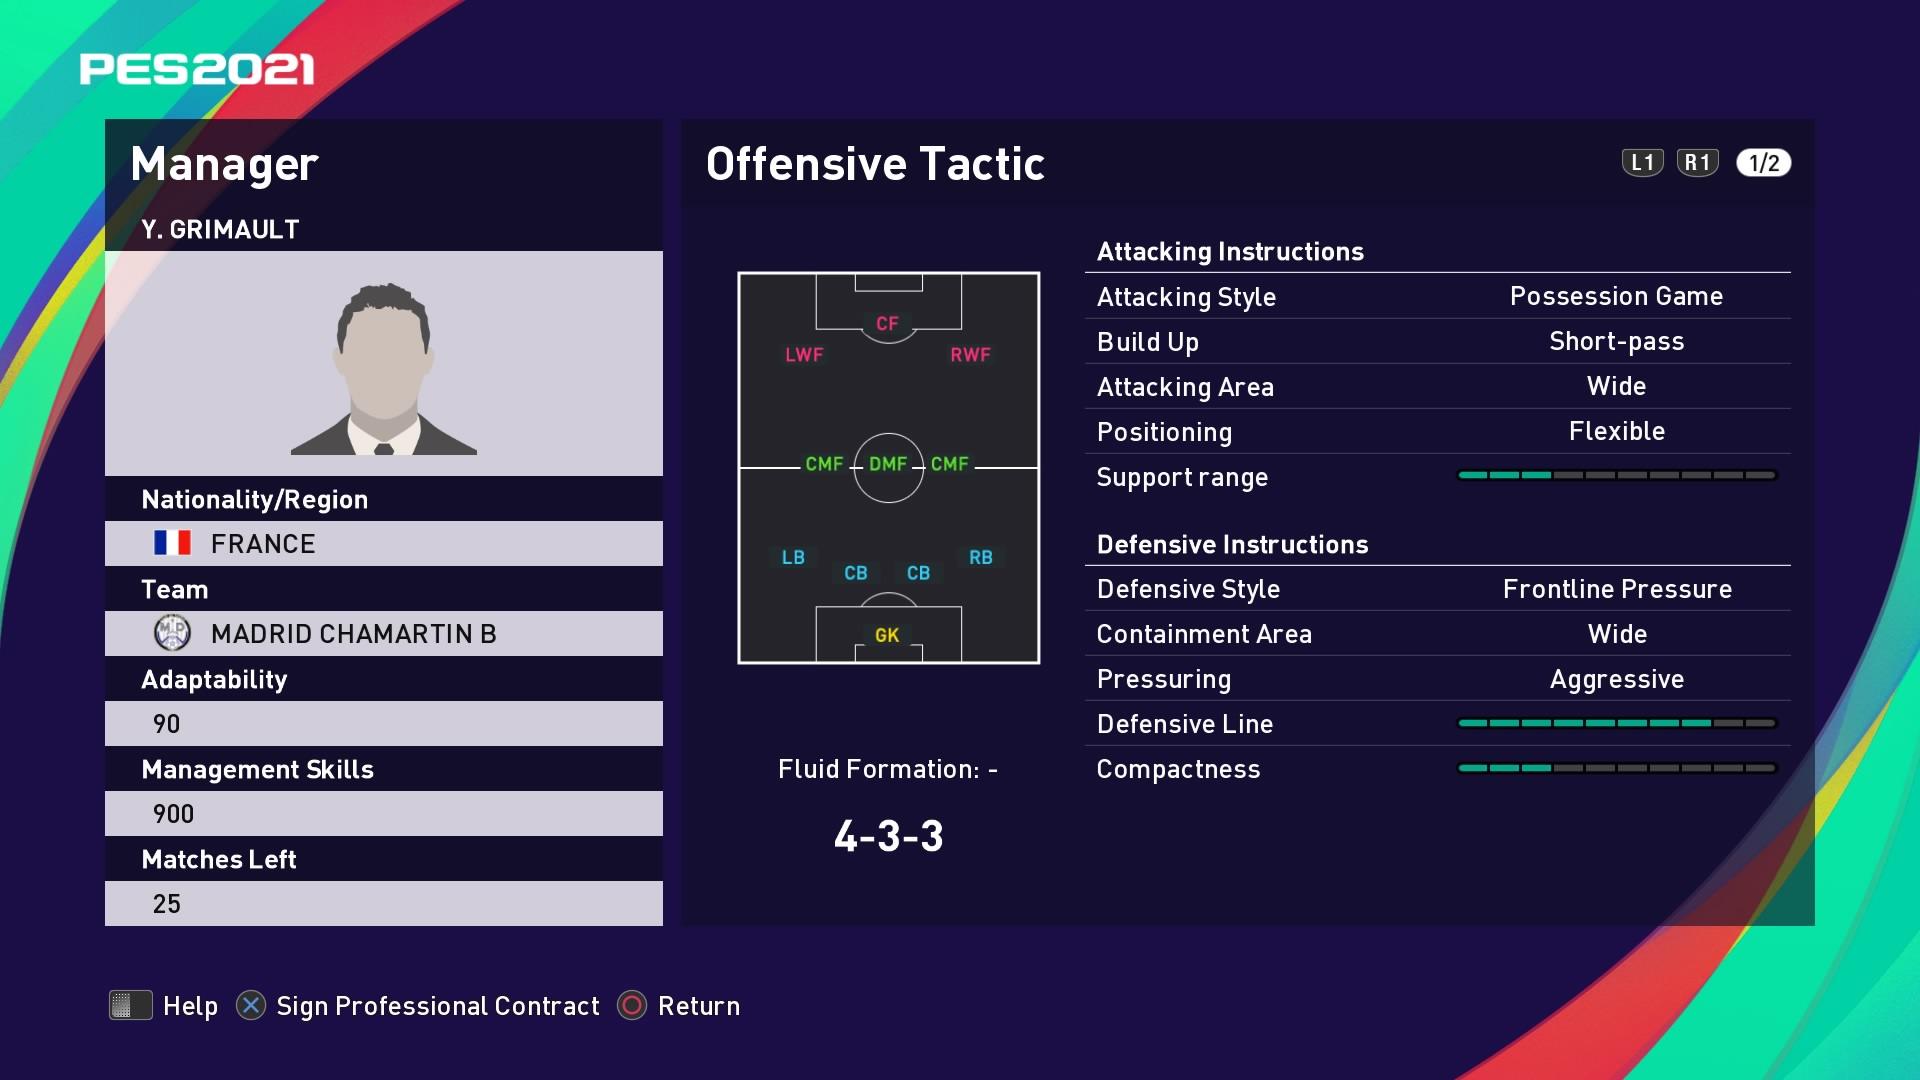 Y. Grimault (Zinedine Zidane) Offensive Tactic in PES 2021 myClub